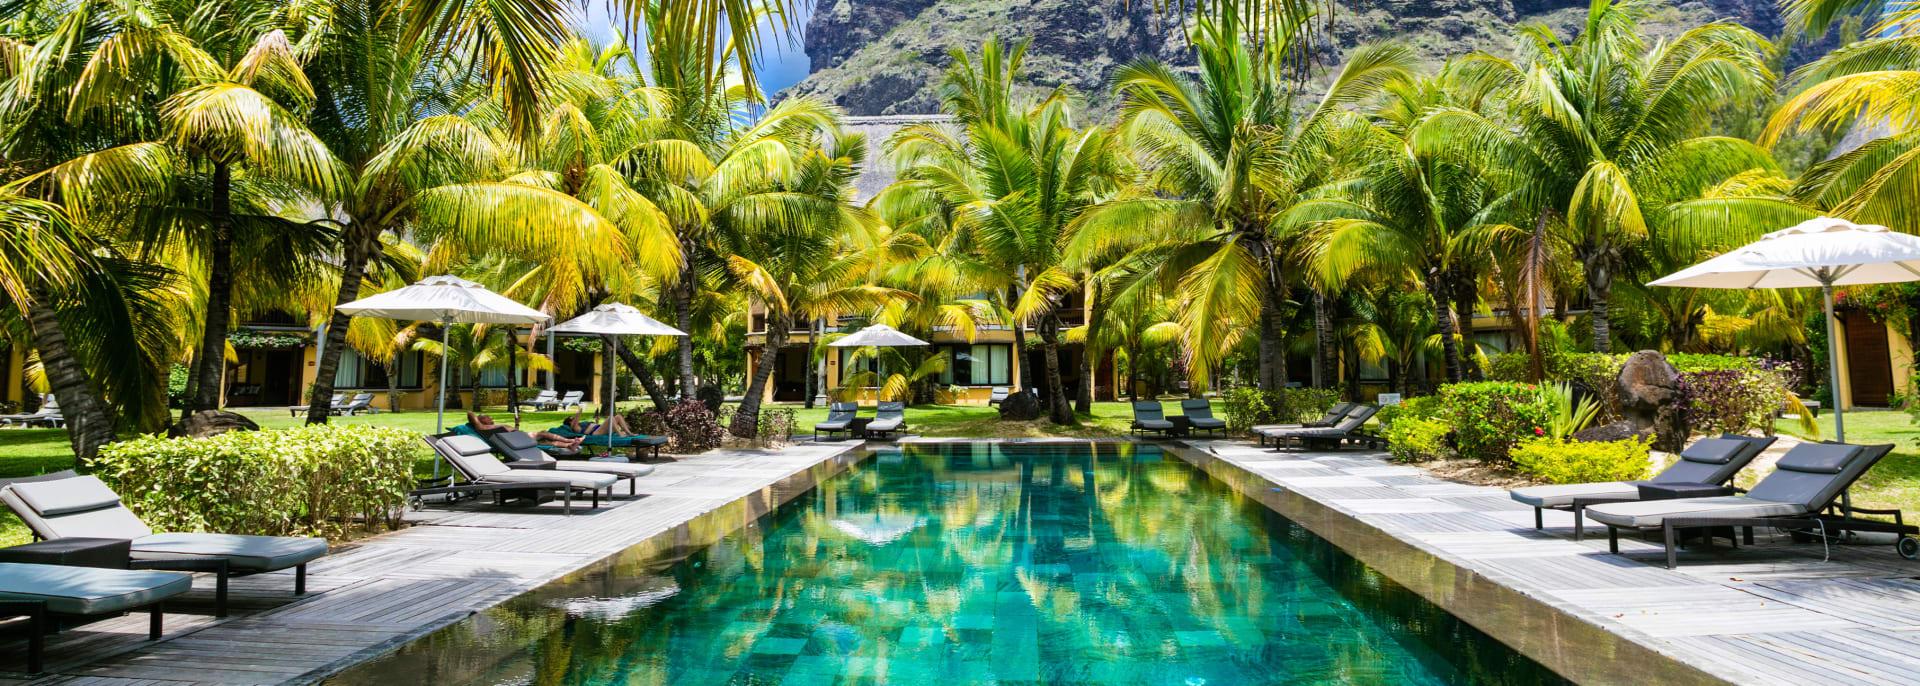 Spa Pool, Mauritius